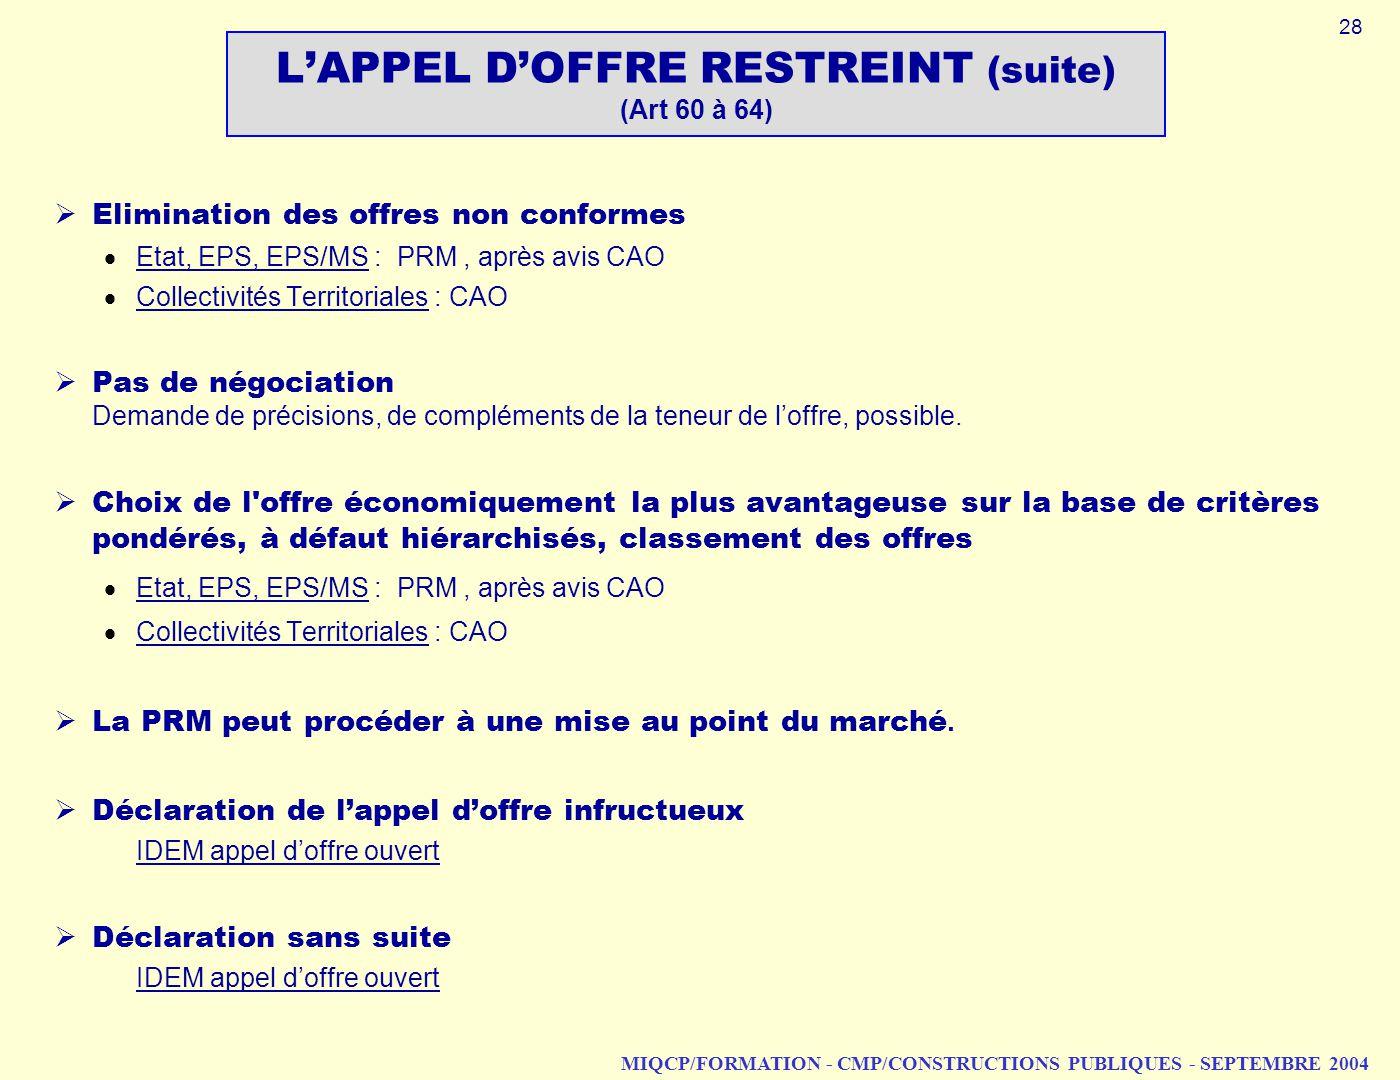 MIQCP/FORMATION - CMP/CONSTRUCTIONS PUBLIQUES - SEPTEMBRE 2004 Elimination des offres non conformes Etat, EPS, EPS/MS : PRM, après avis CAO Collectivi